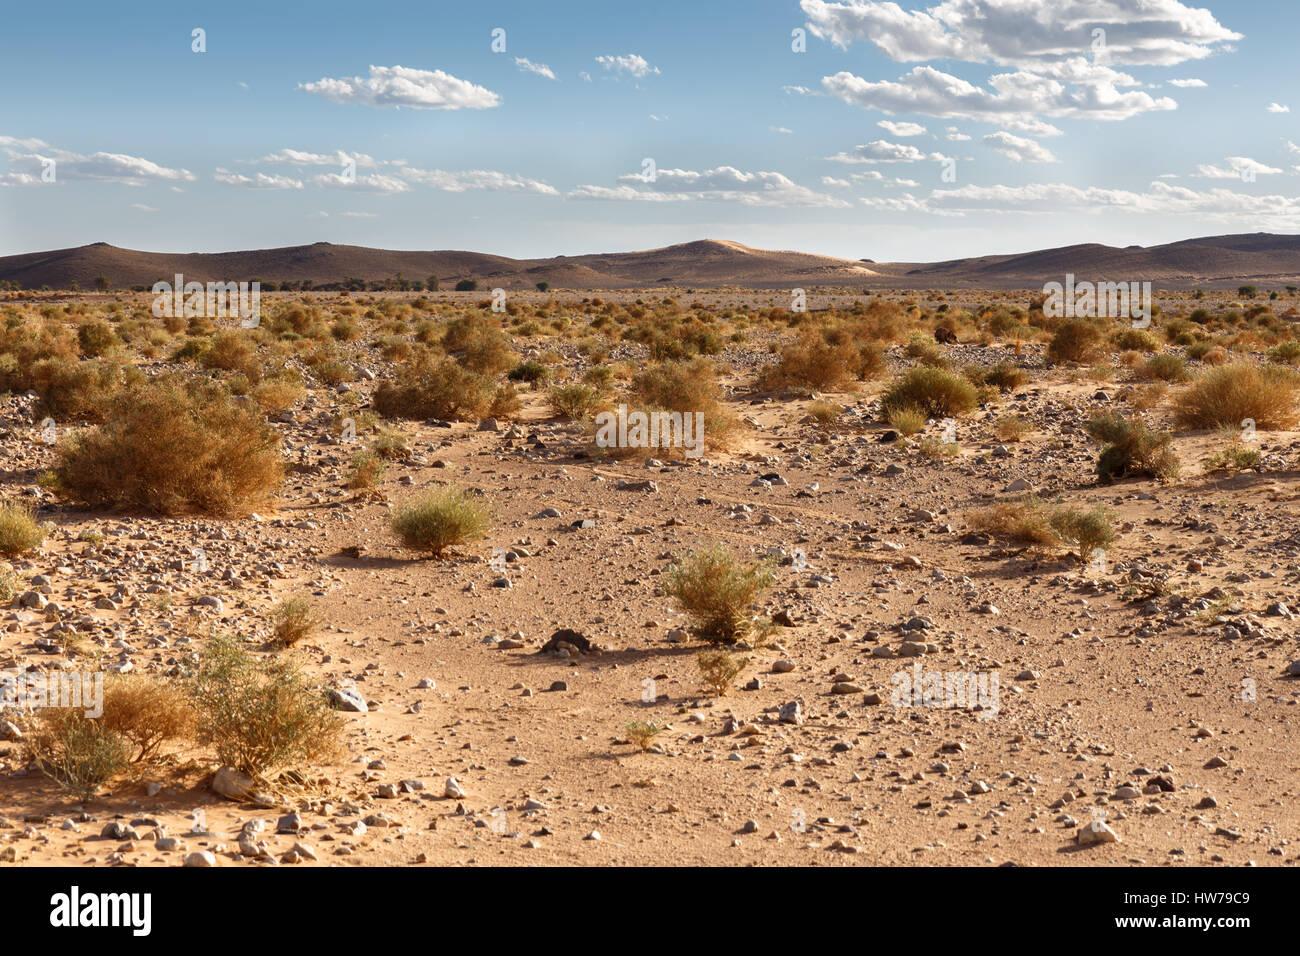 Small shrubs in the Sahara desert - Stock Image